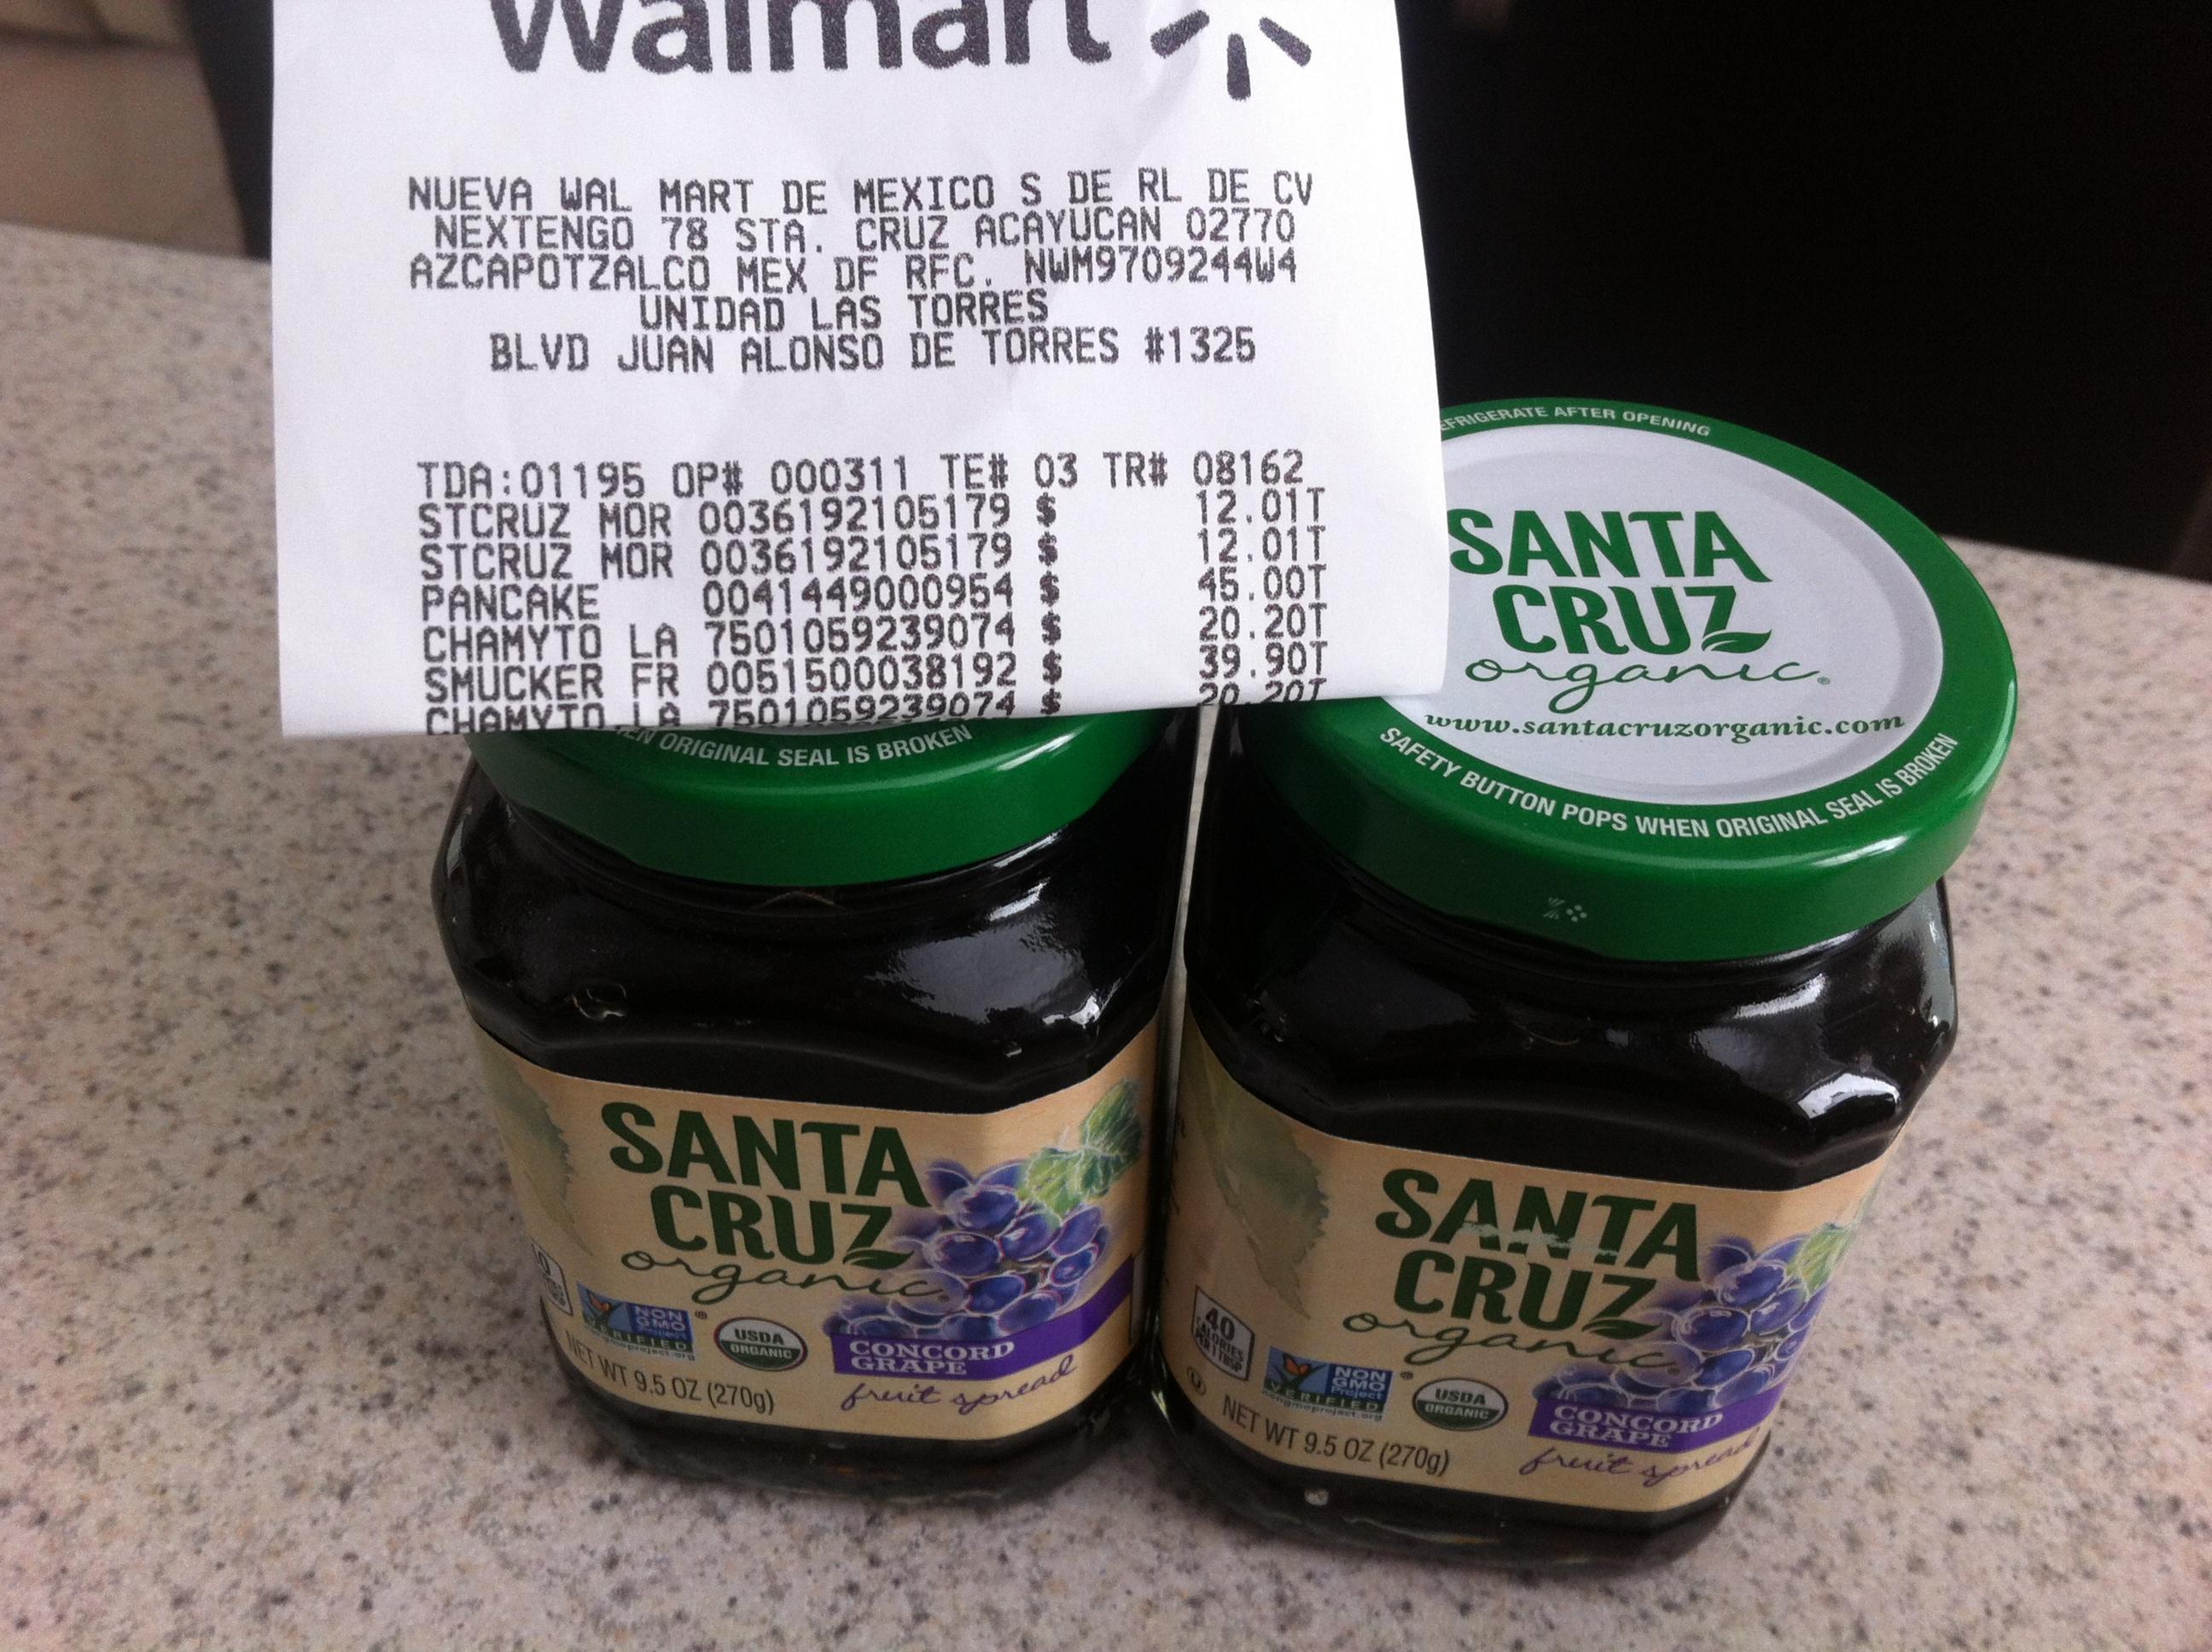 Walmart León Las Torres: Mermelada Orgánica (de moras) Santa Cruz a $12.01